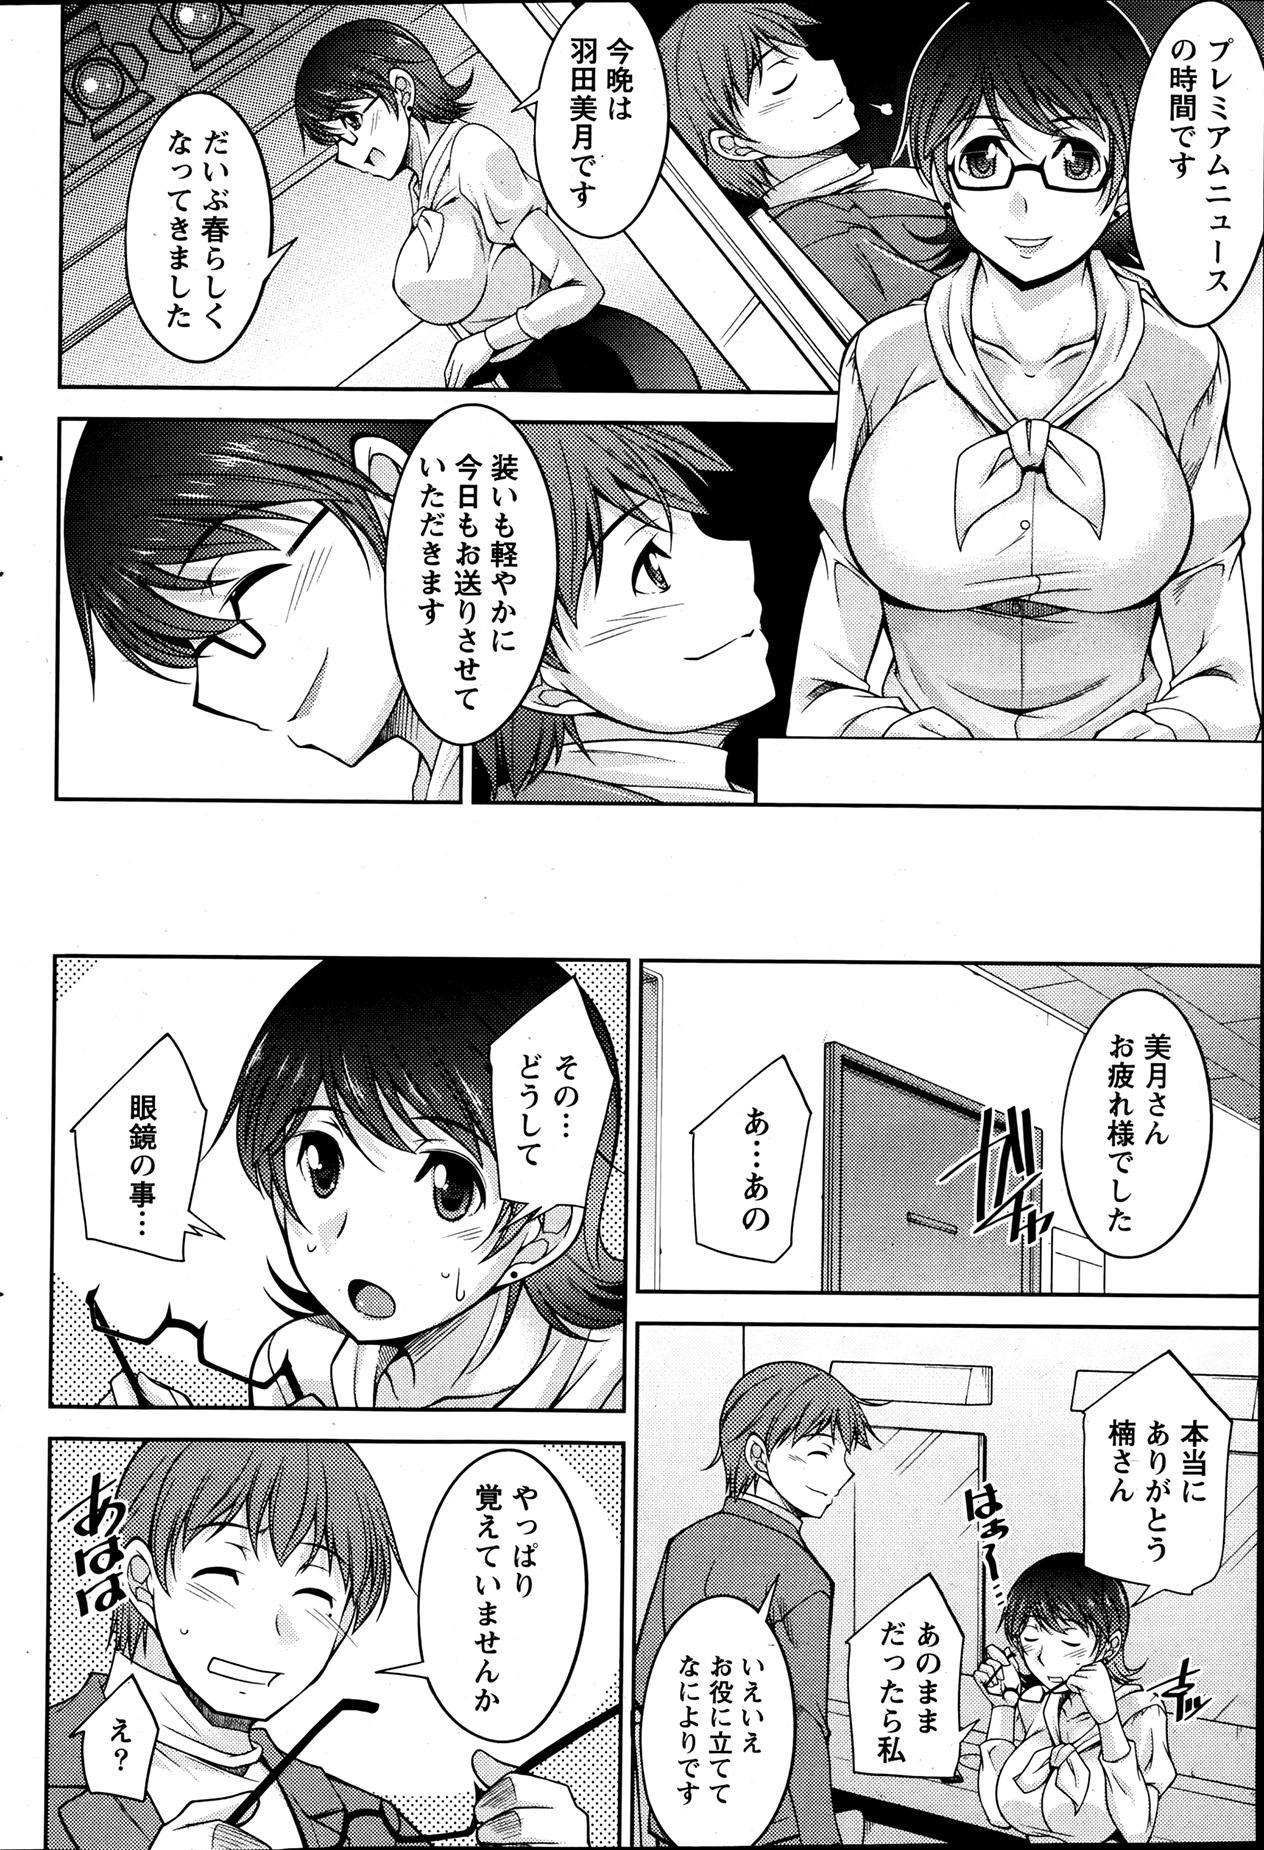 Kimi no Megane ni Yokujou Suru. Ch. 1-9 29